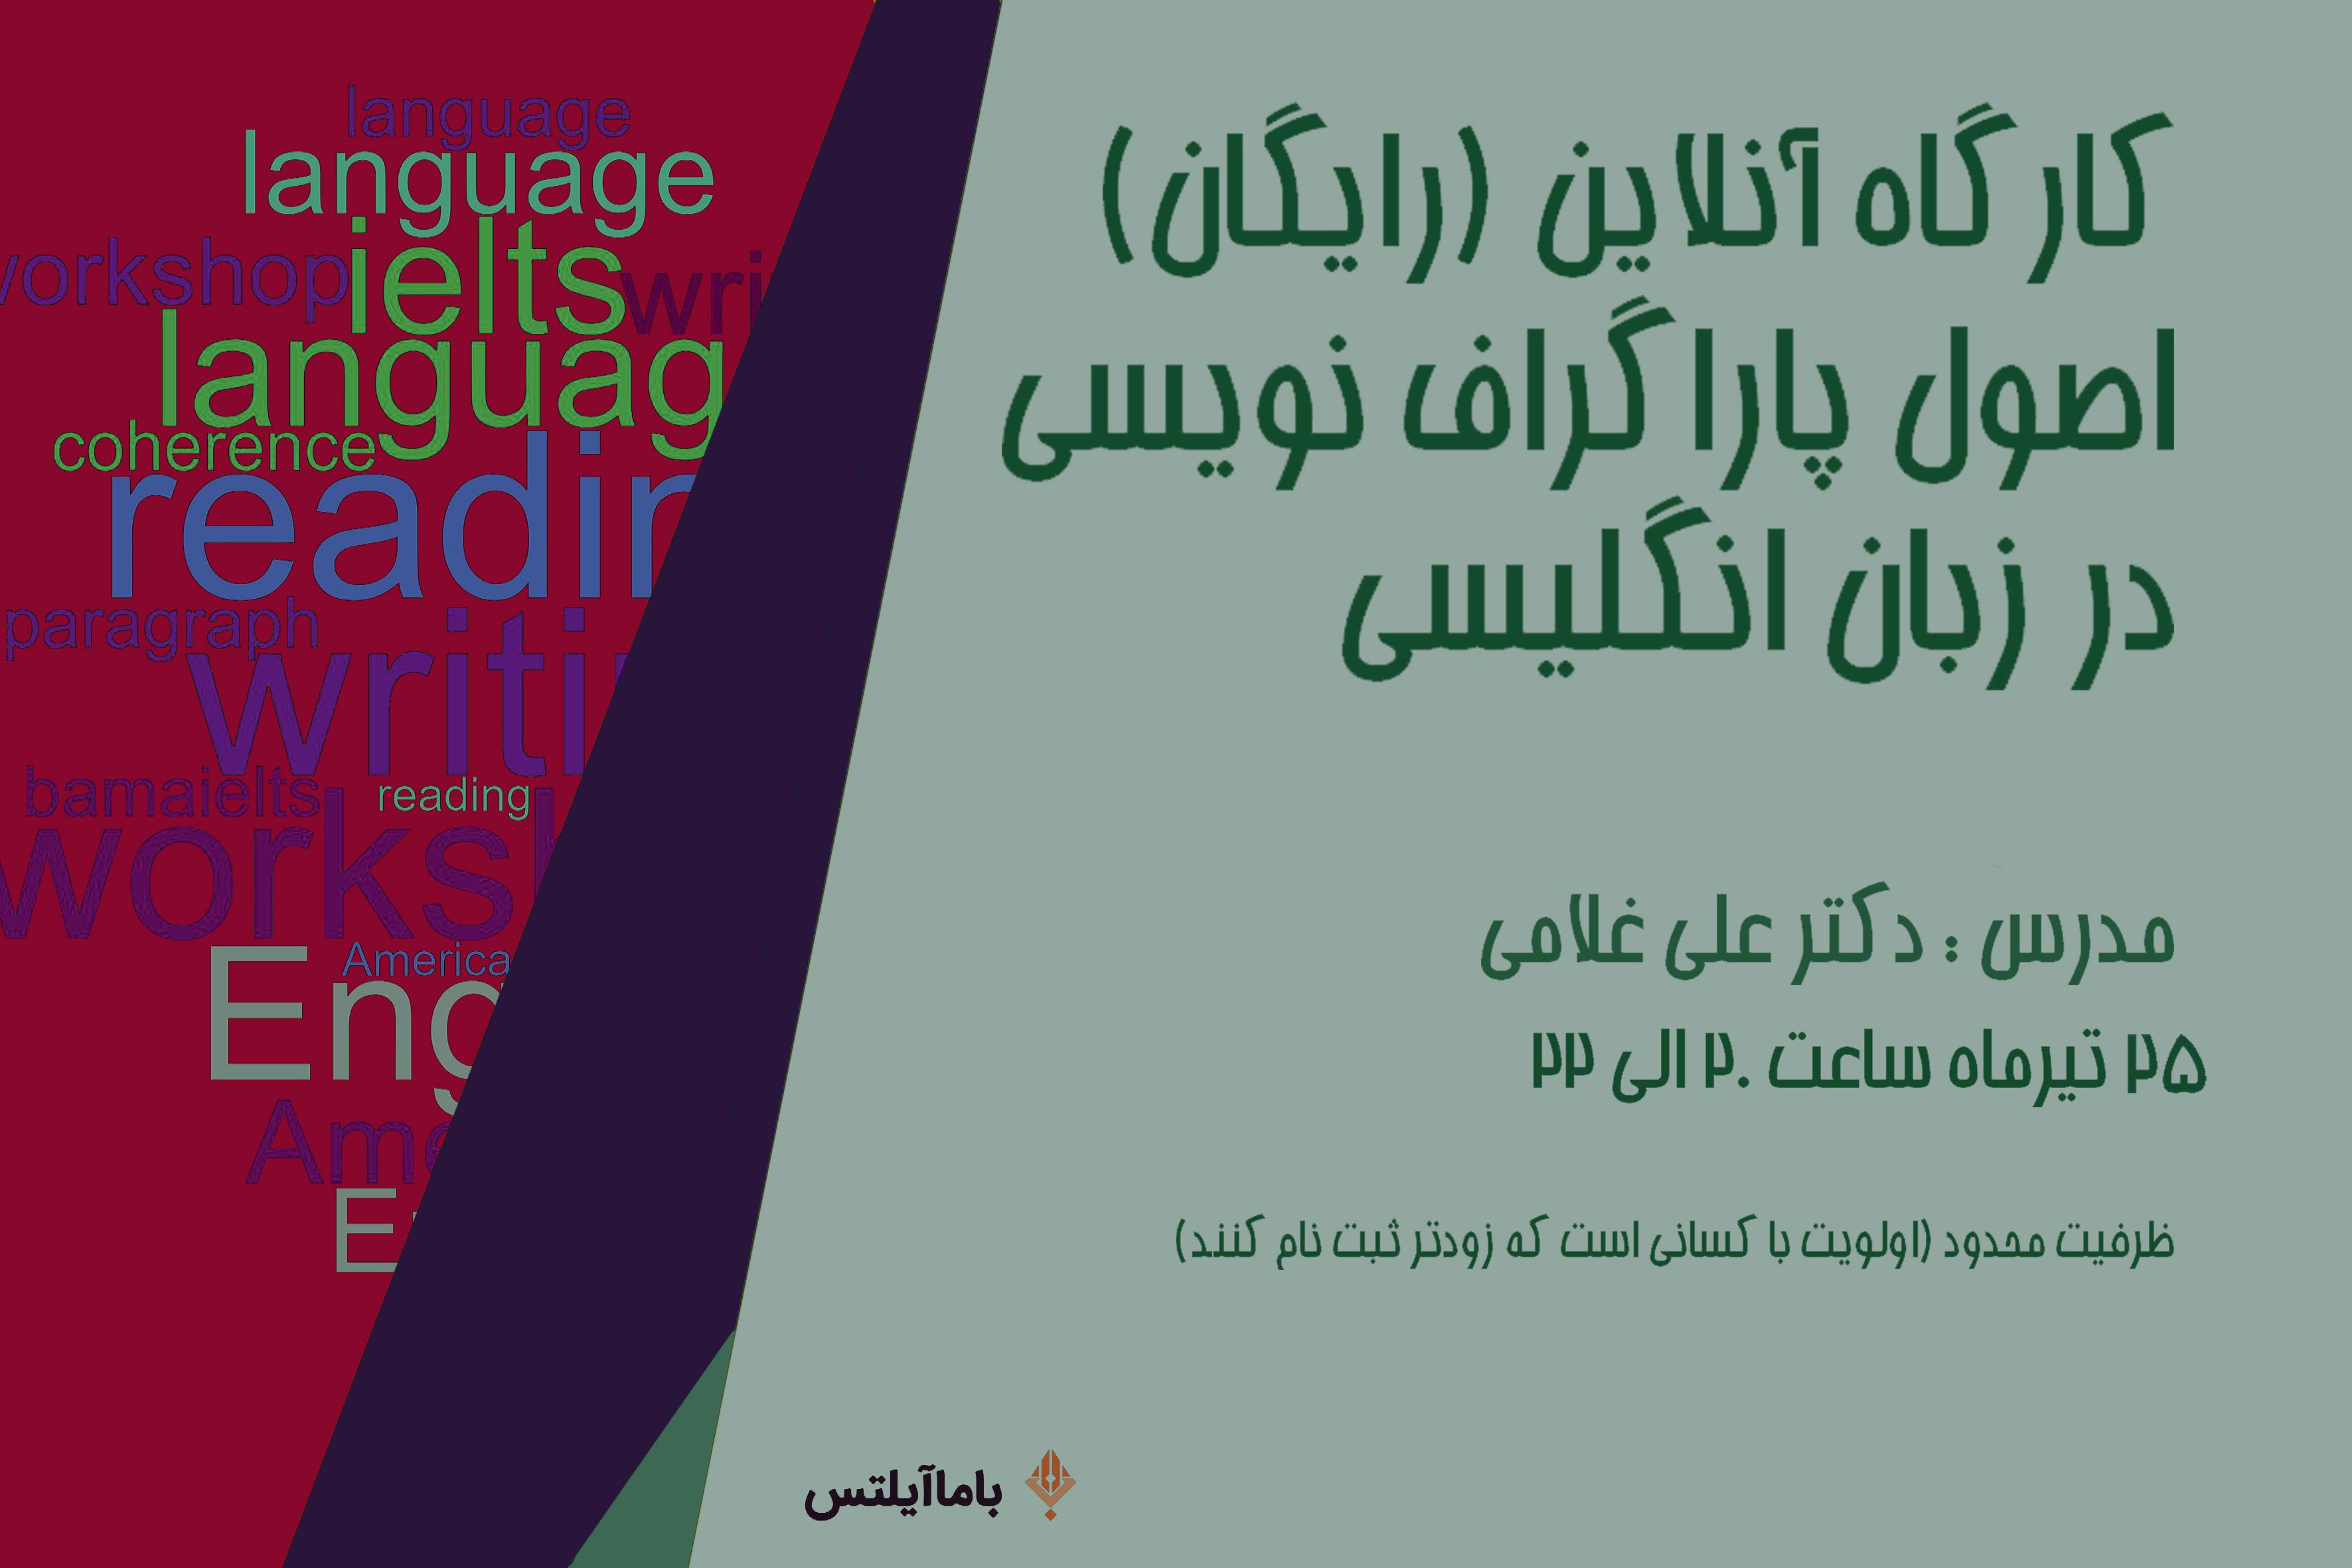 وبینار آموزش اصول پاراگراف نویسی انگلیسی